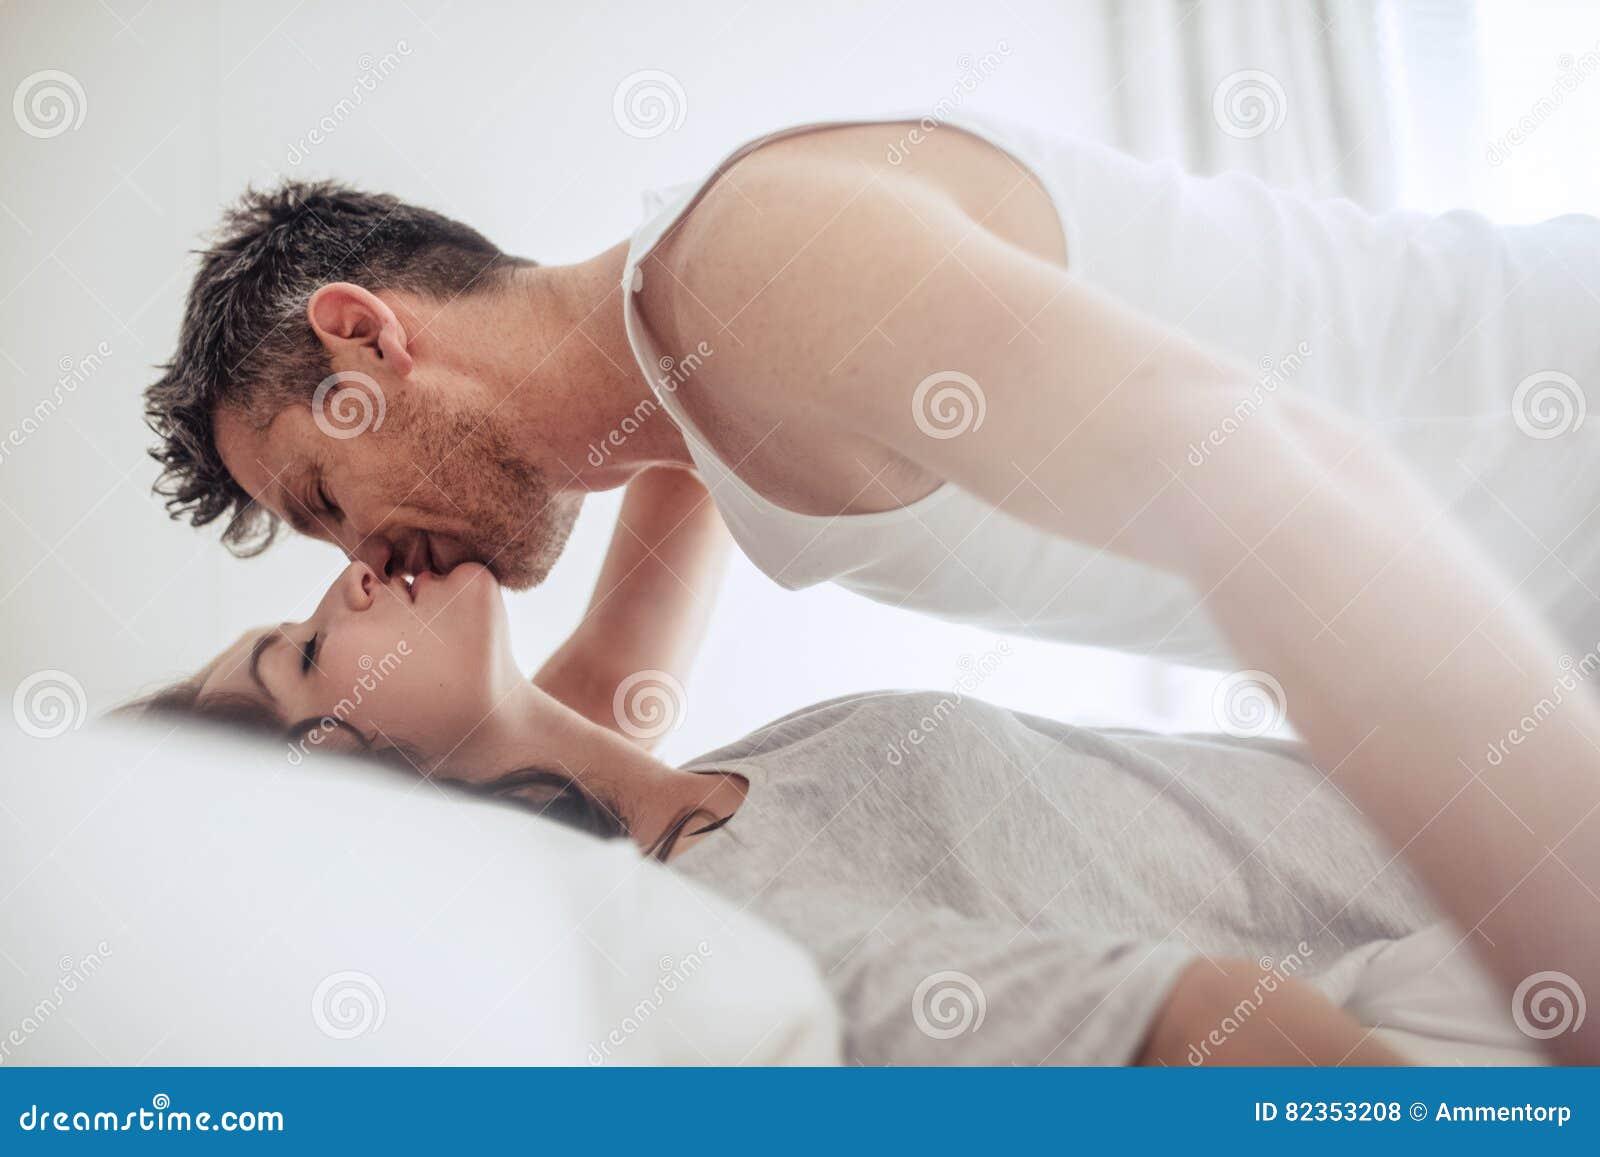 Интимное видео из коллекции молодой пары смотреть онлайн